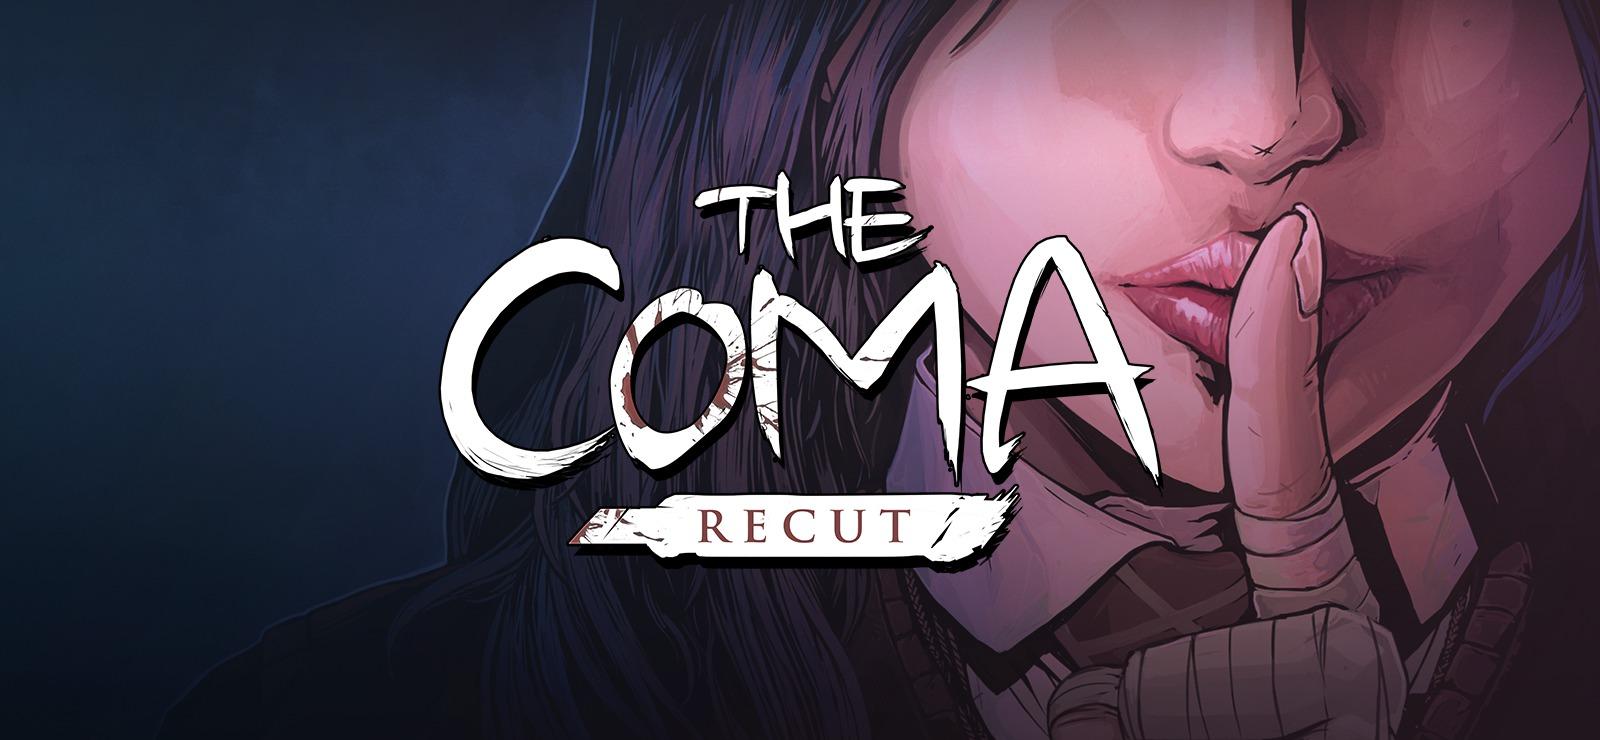 Merge Games confirma versão física de The Coma: Recut para o Nintendo Switch